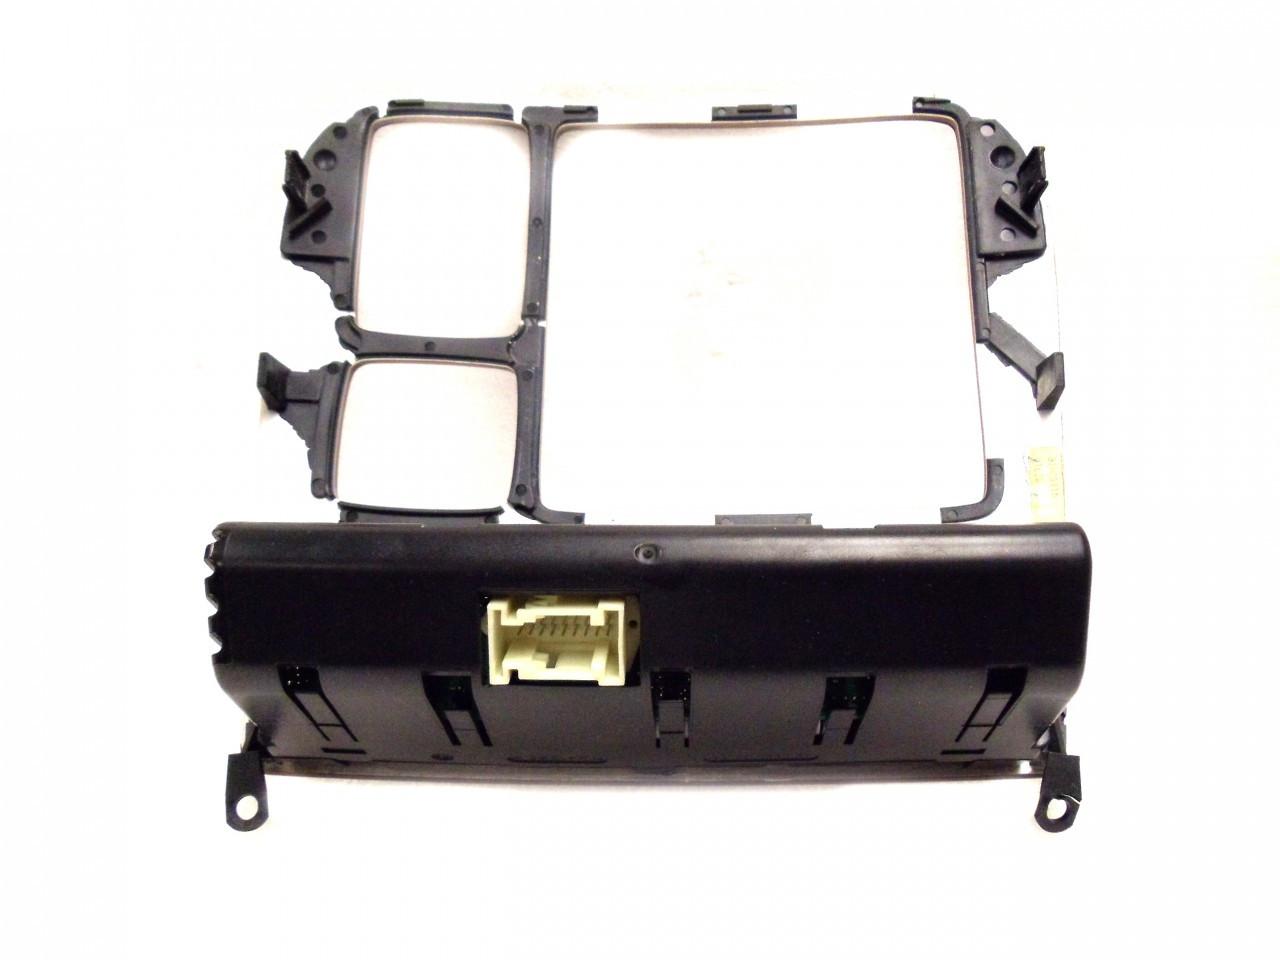 MERCEDES-BENZ S-CLASS CL-CLASS AC TEMP CLIMATE CONTROLS DASH BEZEL S430  S500 S600 S55 CL500 CL600 CL55 2000 2001 2002